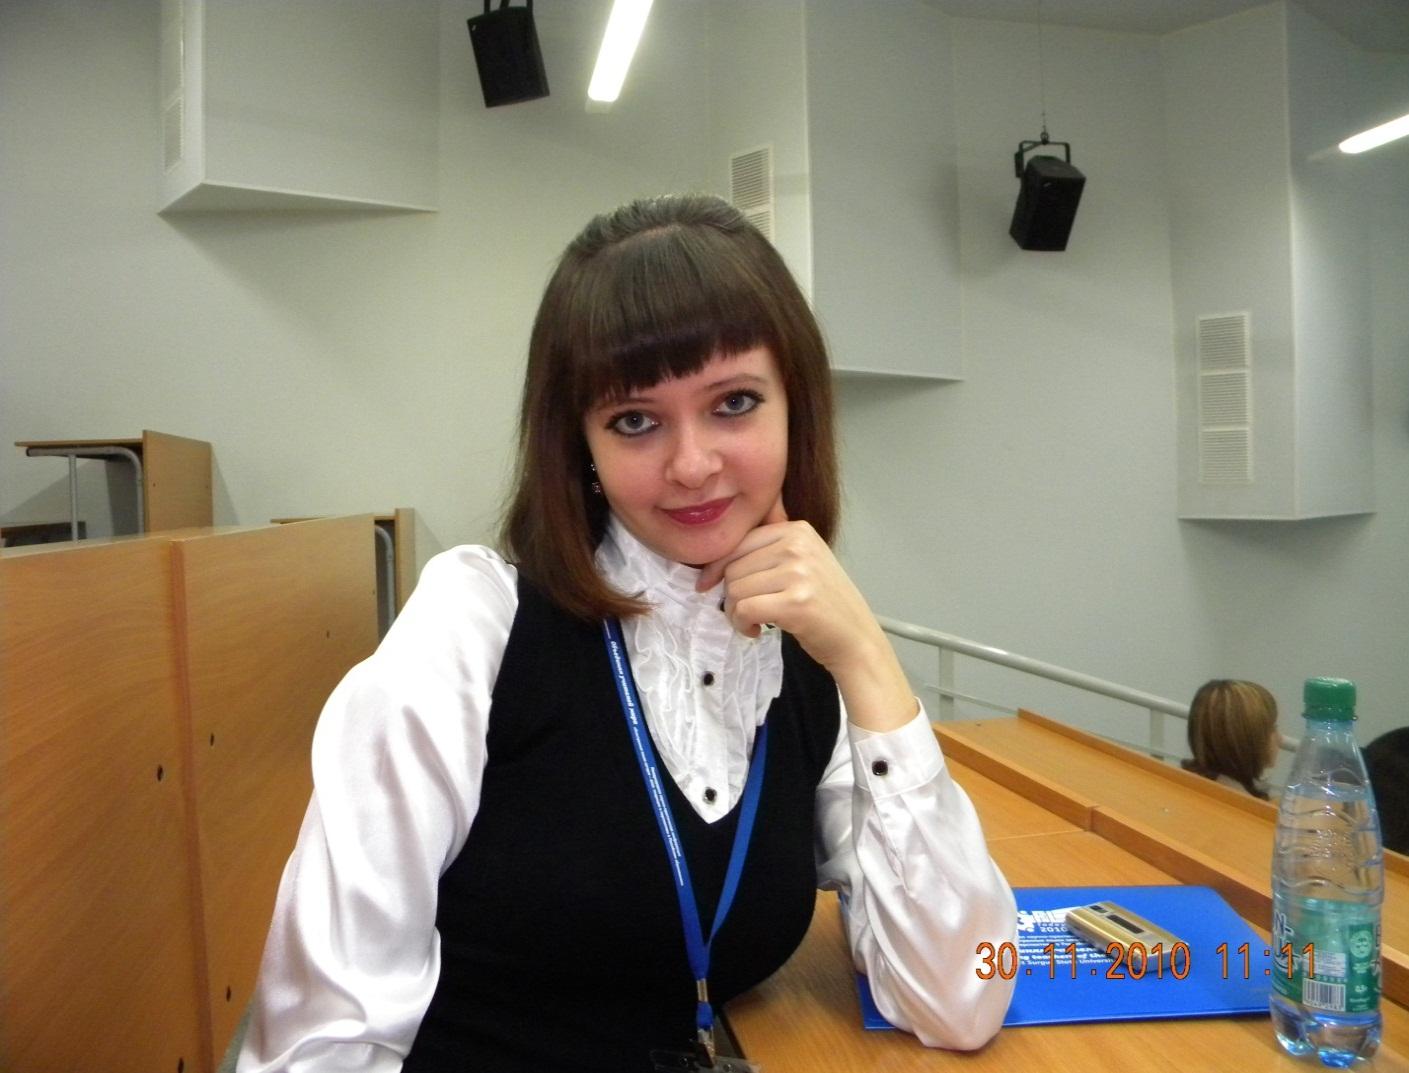 C:\Users\User\Pictures\ФОТКИИИИИИИ\После Педа\Школа\Международная конференция в Сургуте-Иностранные языки сегодня-тенденции и перспективы\086.JPG